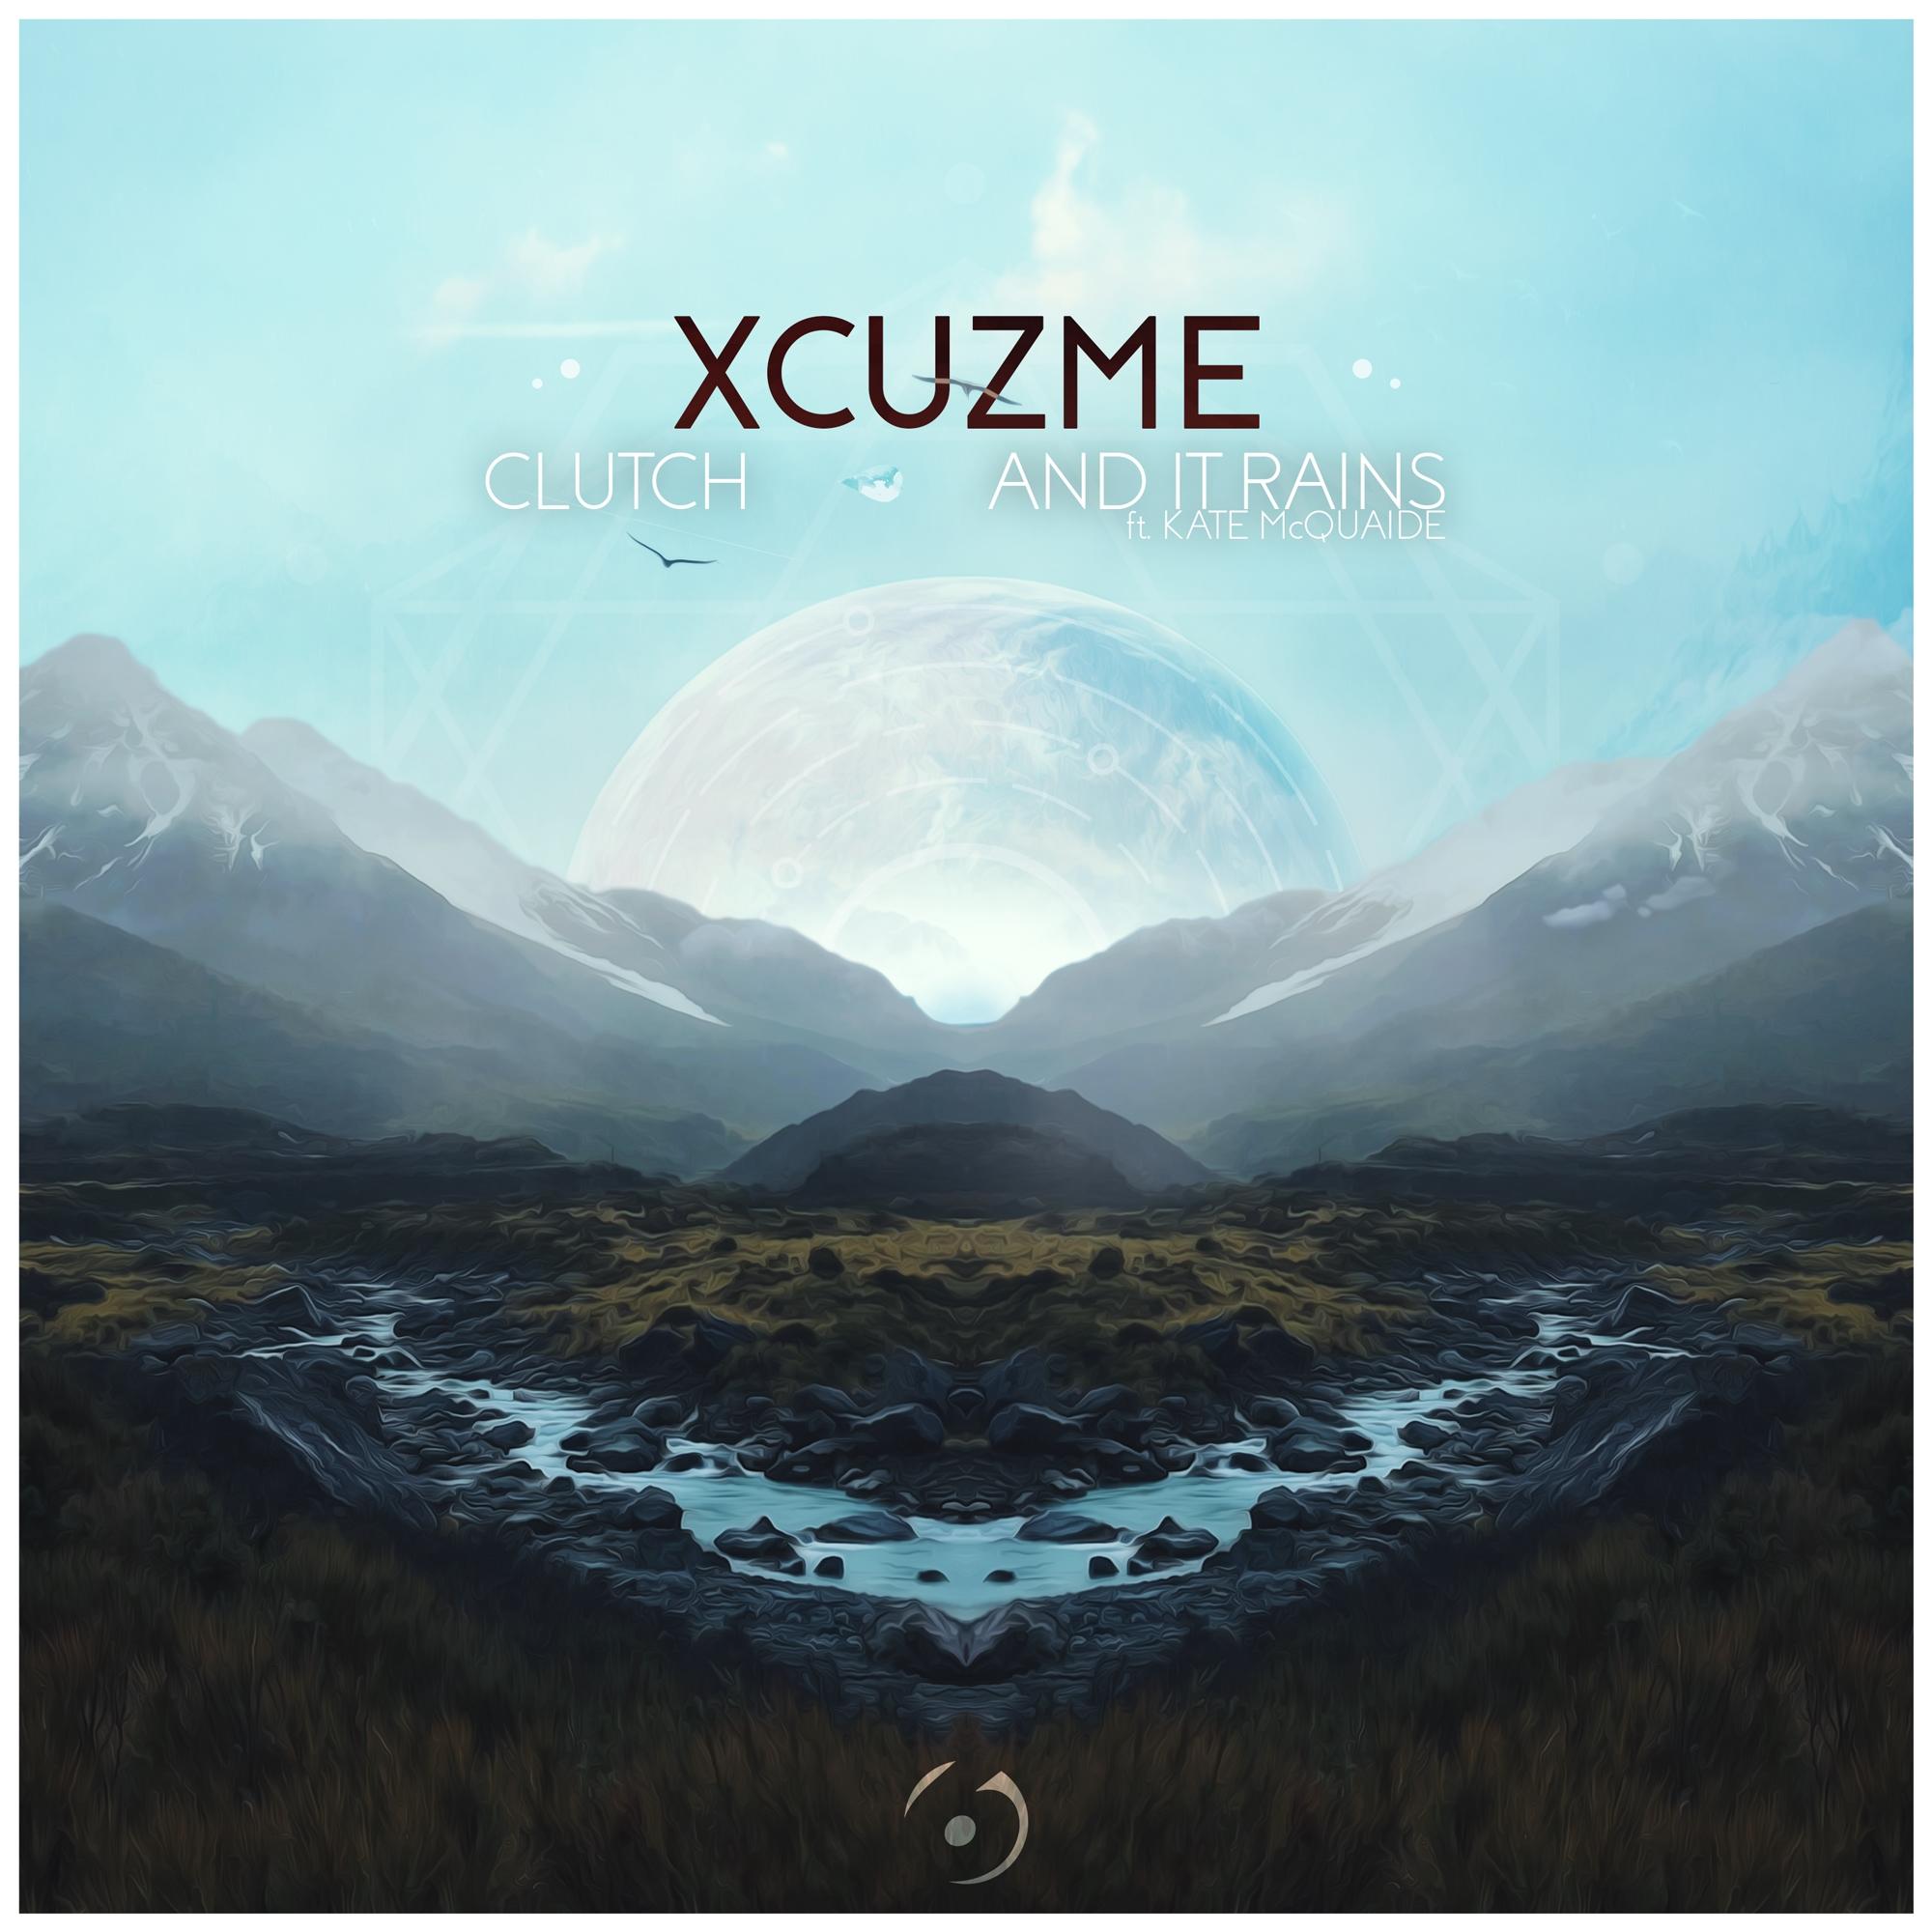 XCUZMe-032-Art-JPEG